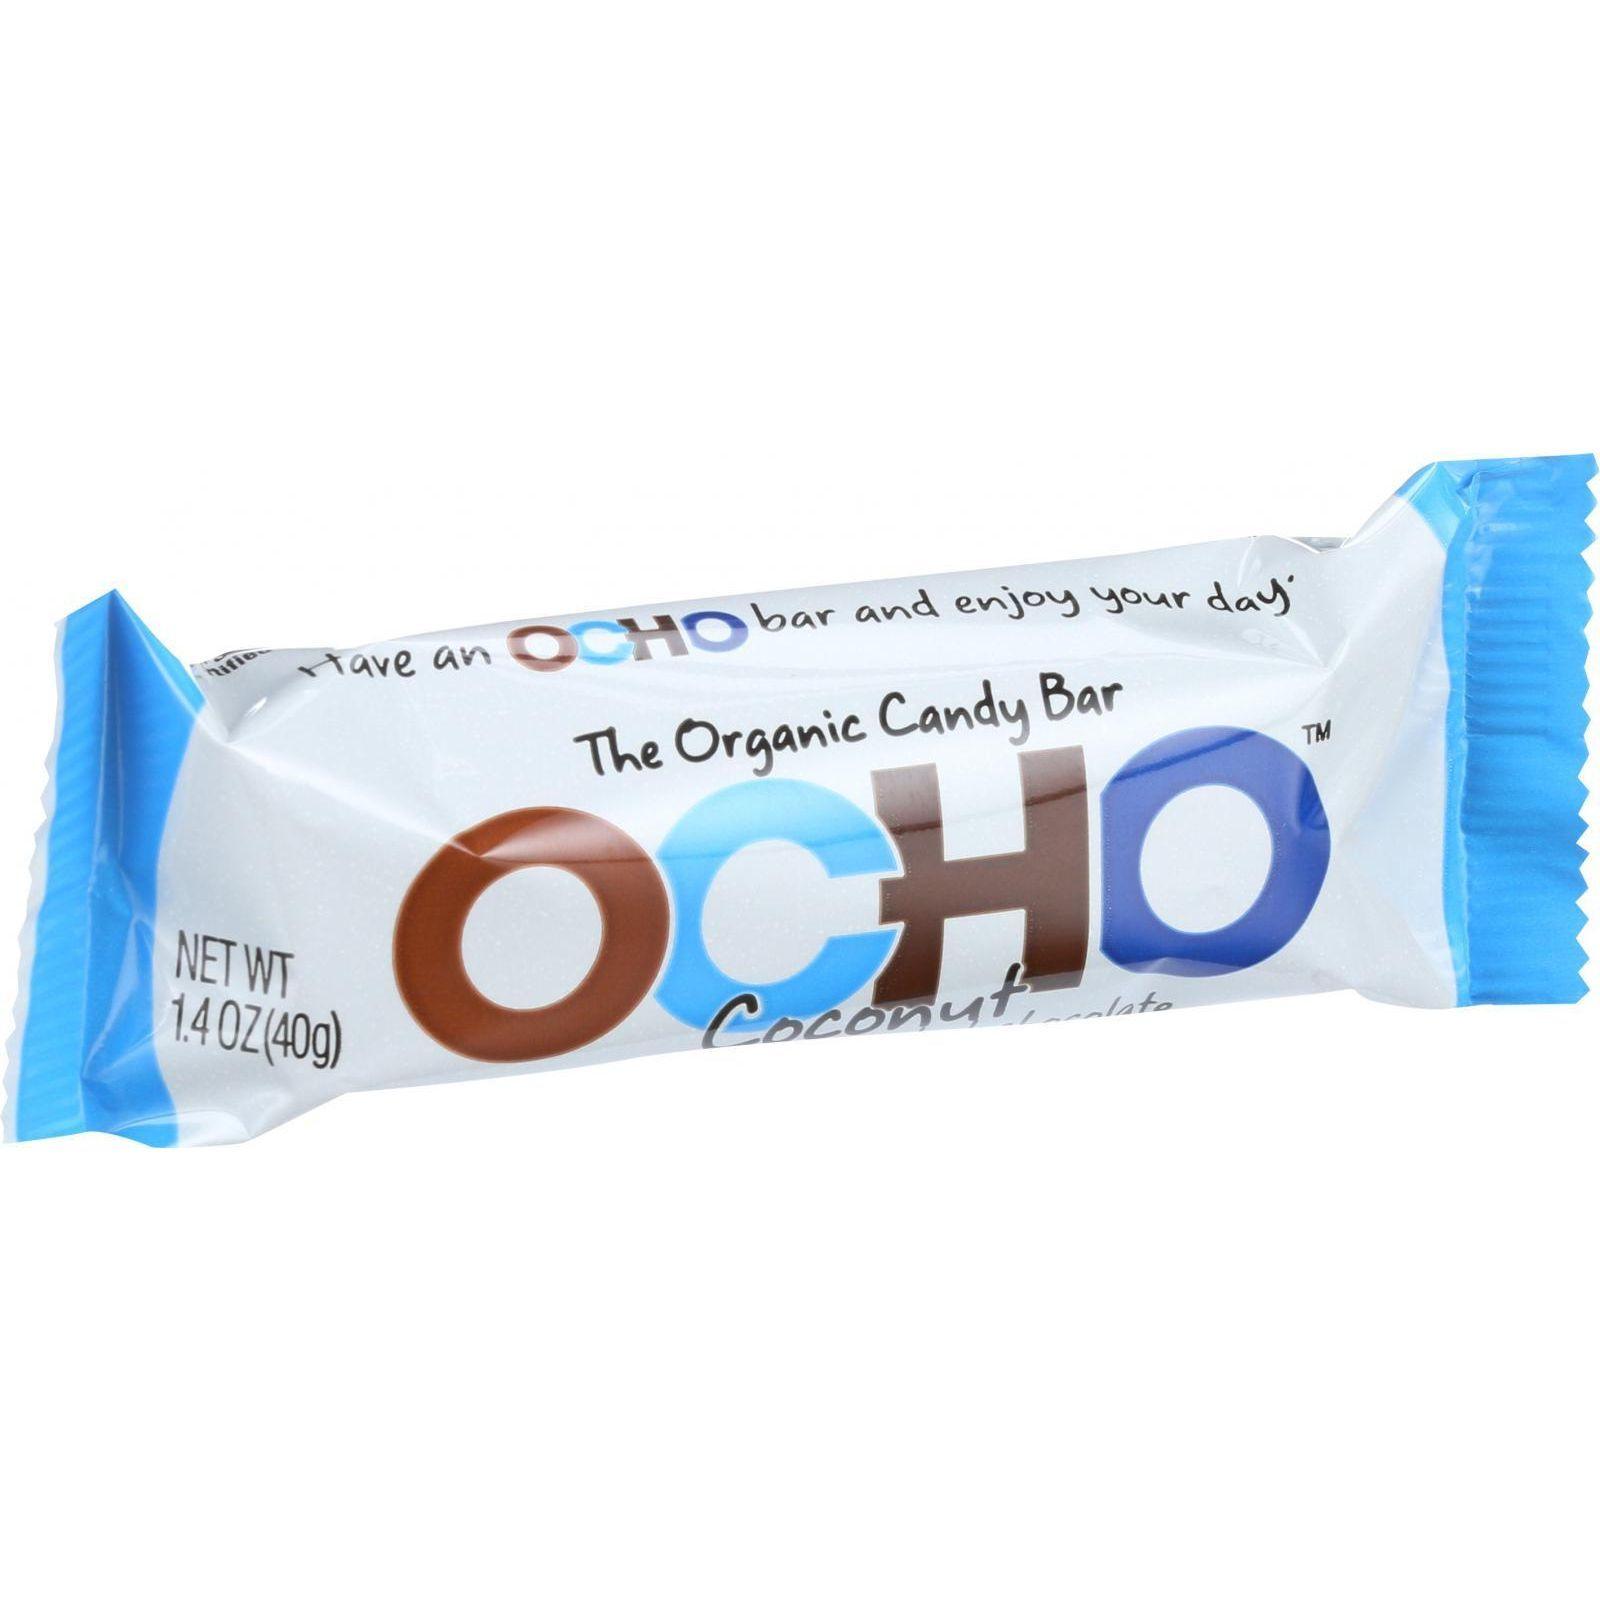 Ocho Candy Organic Candy Bar - Coconut - 1.4 oz - Case of 18